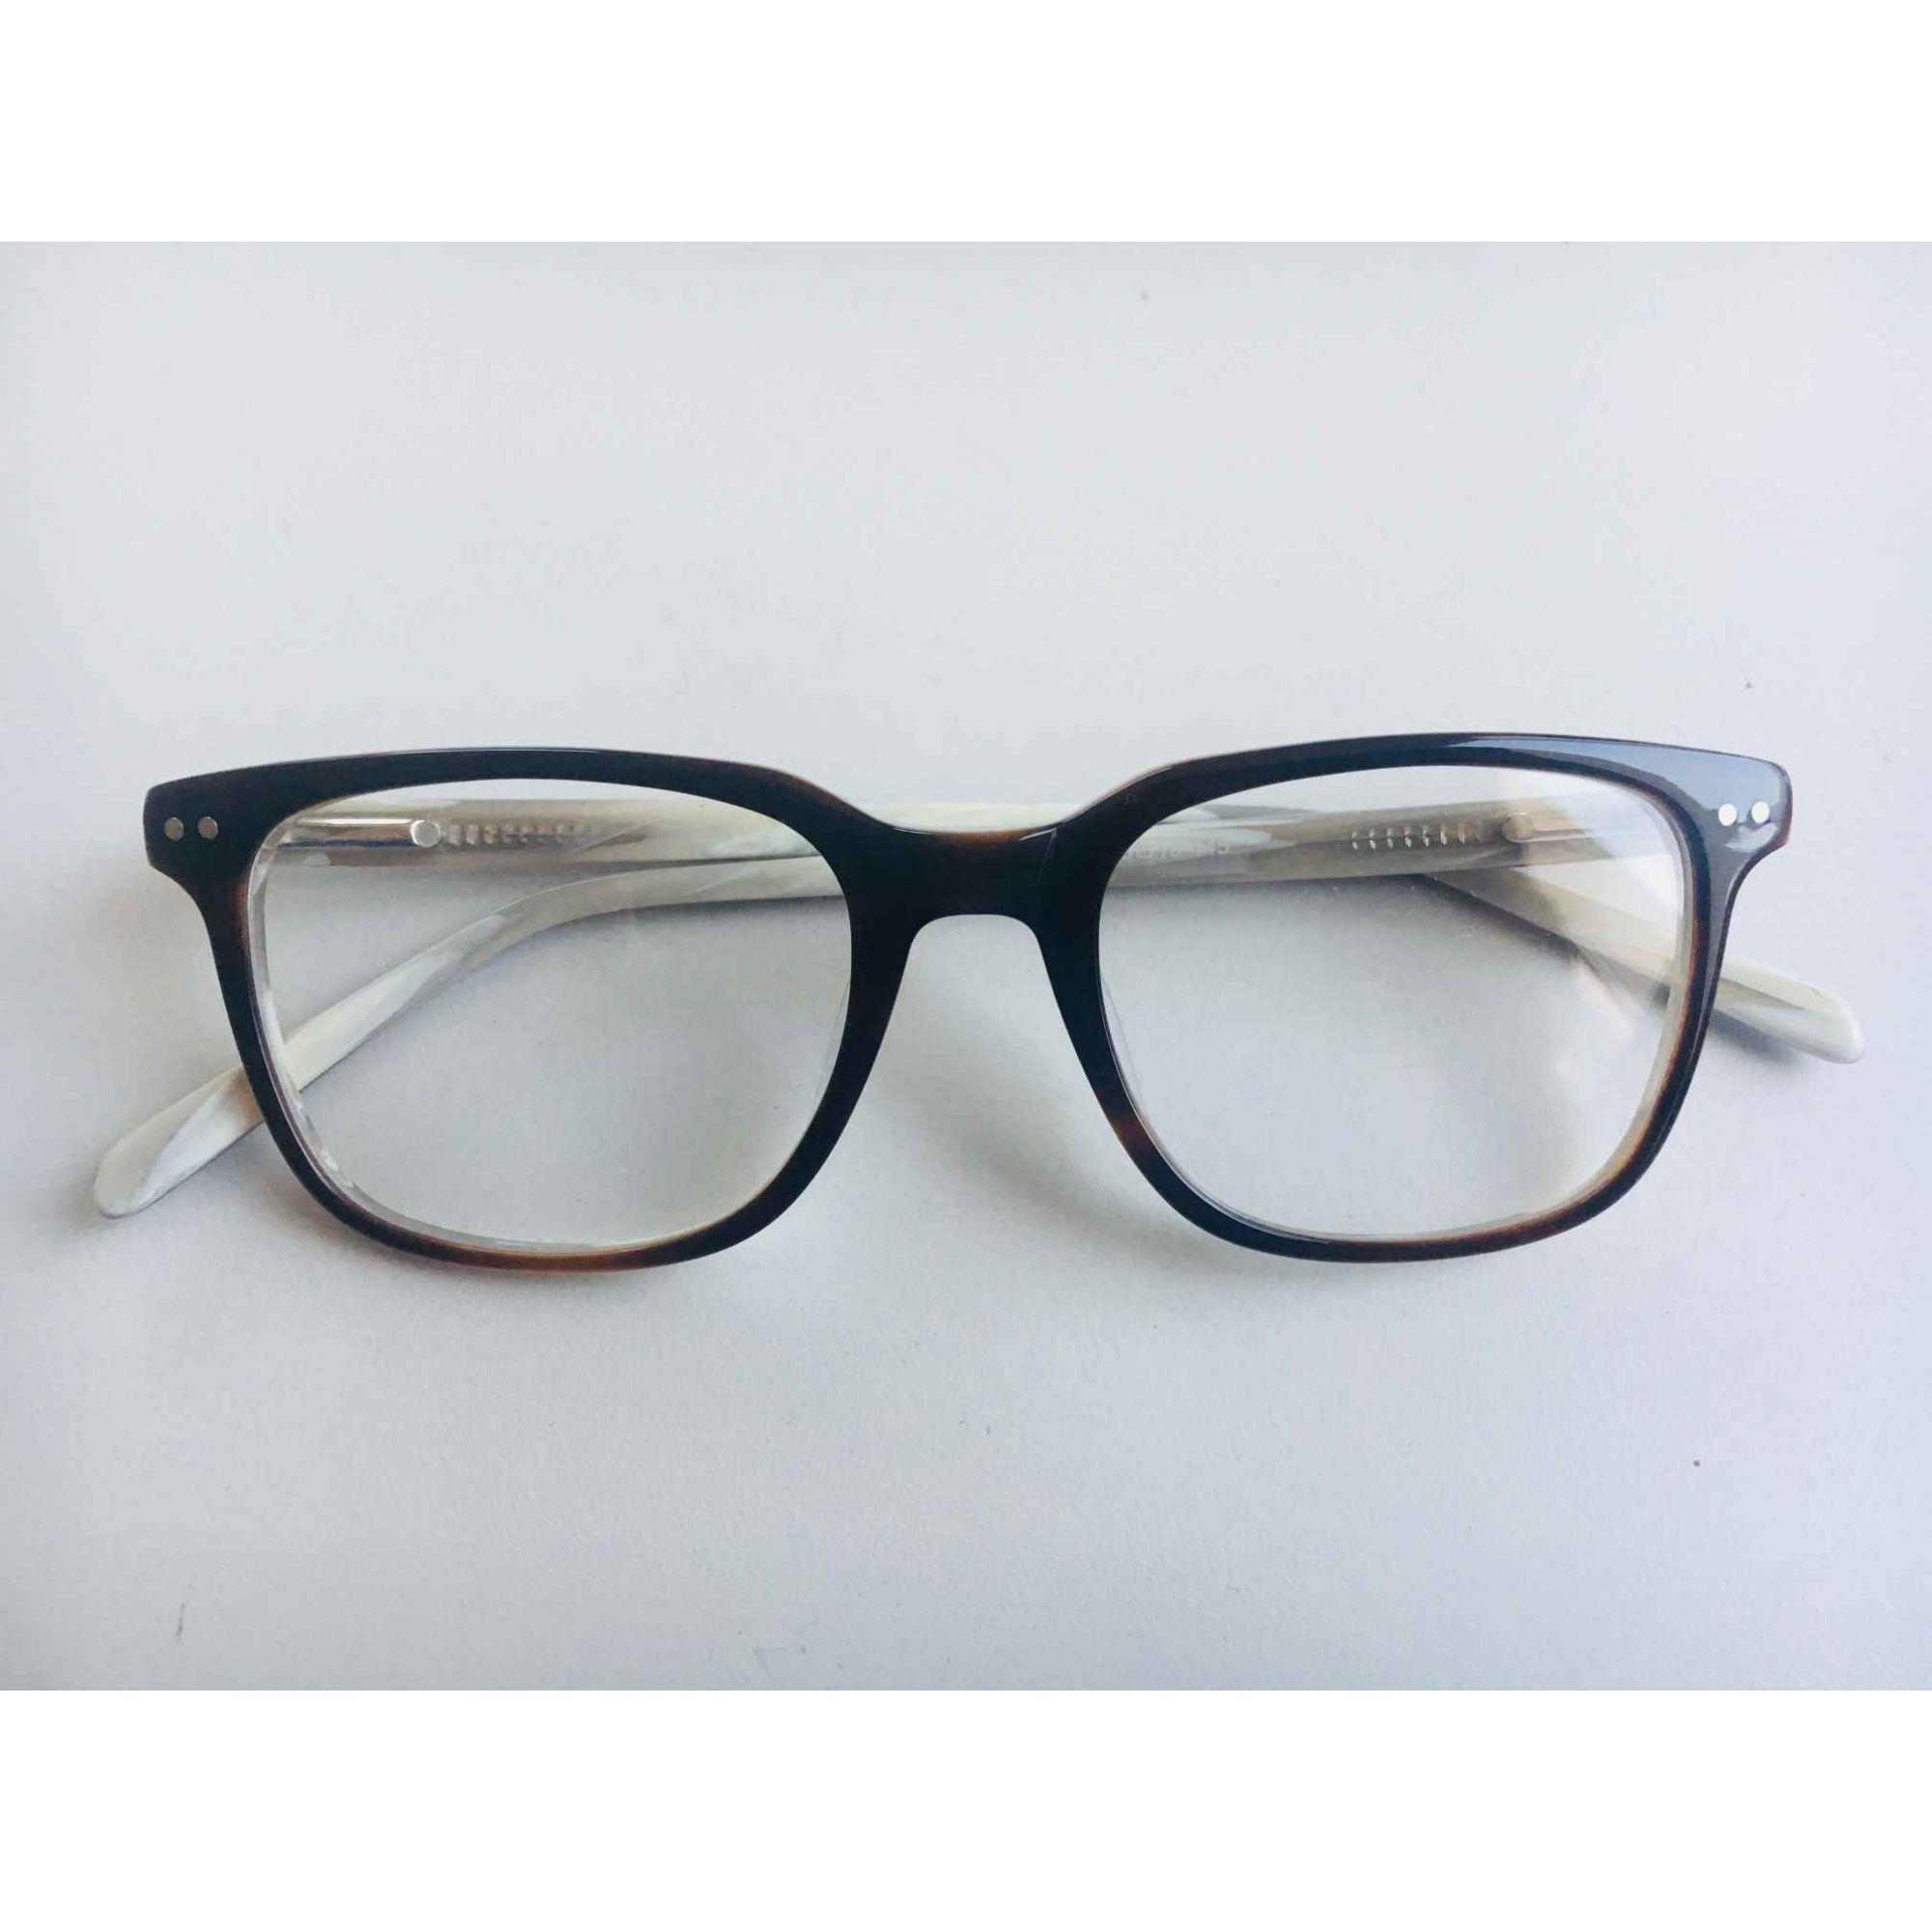 89ee6d0312359 Armação Óculos Grau Feminino Retangular Clássico 2018 Marrom